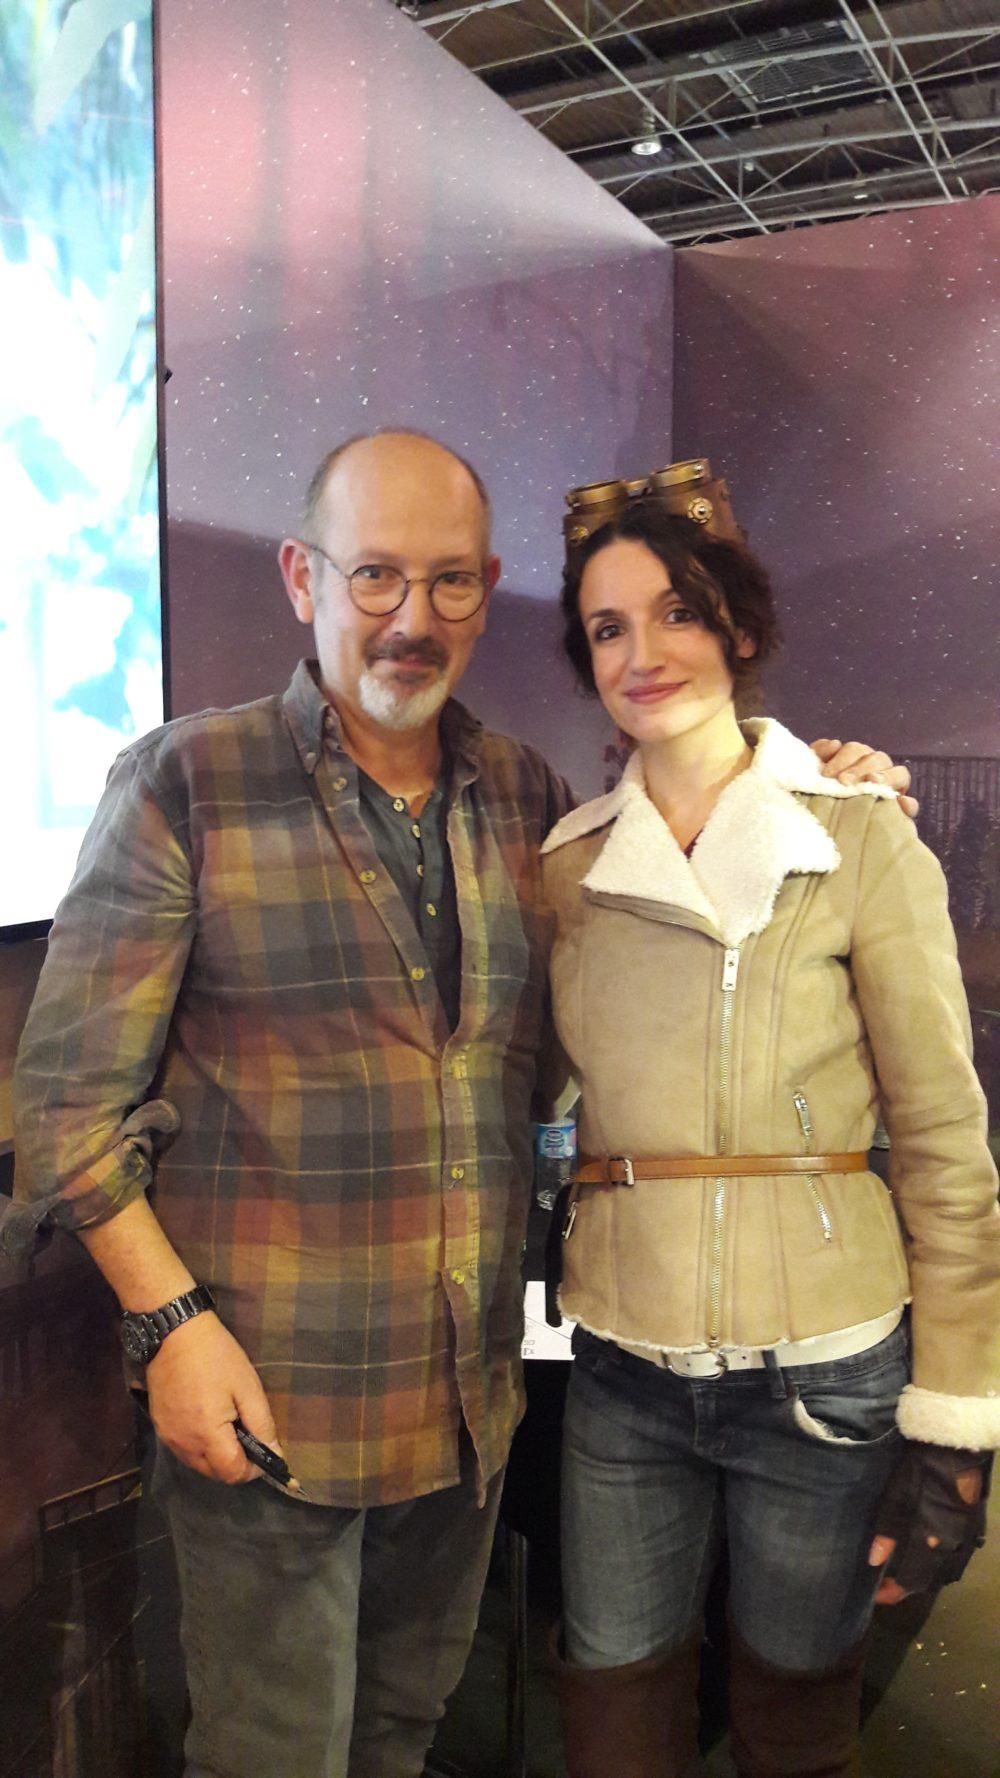 Cosplay officiel de Kate Walker (Syberia 3) avec Benoit Sokal, le créateur du jeu.